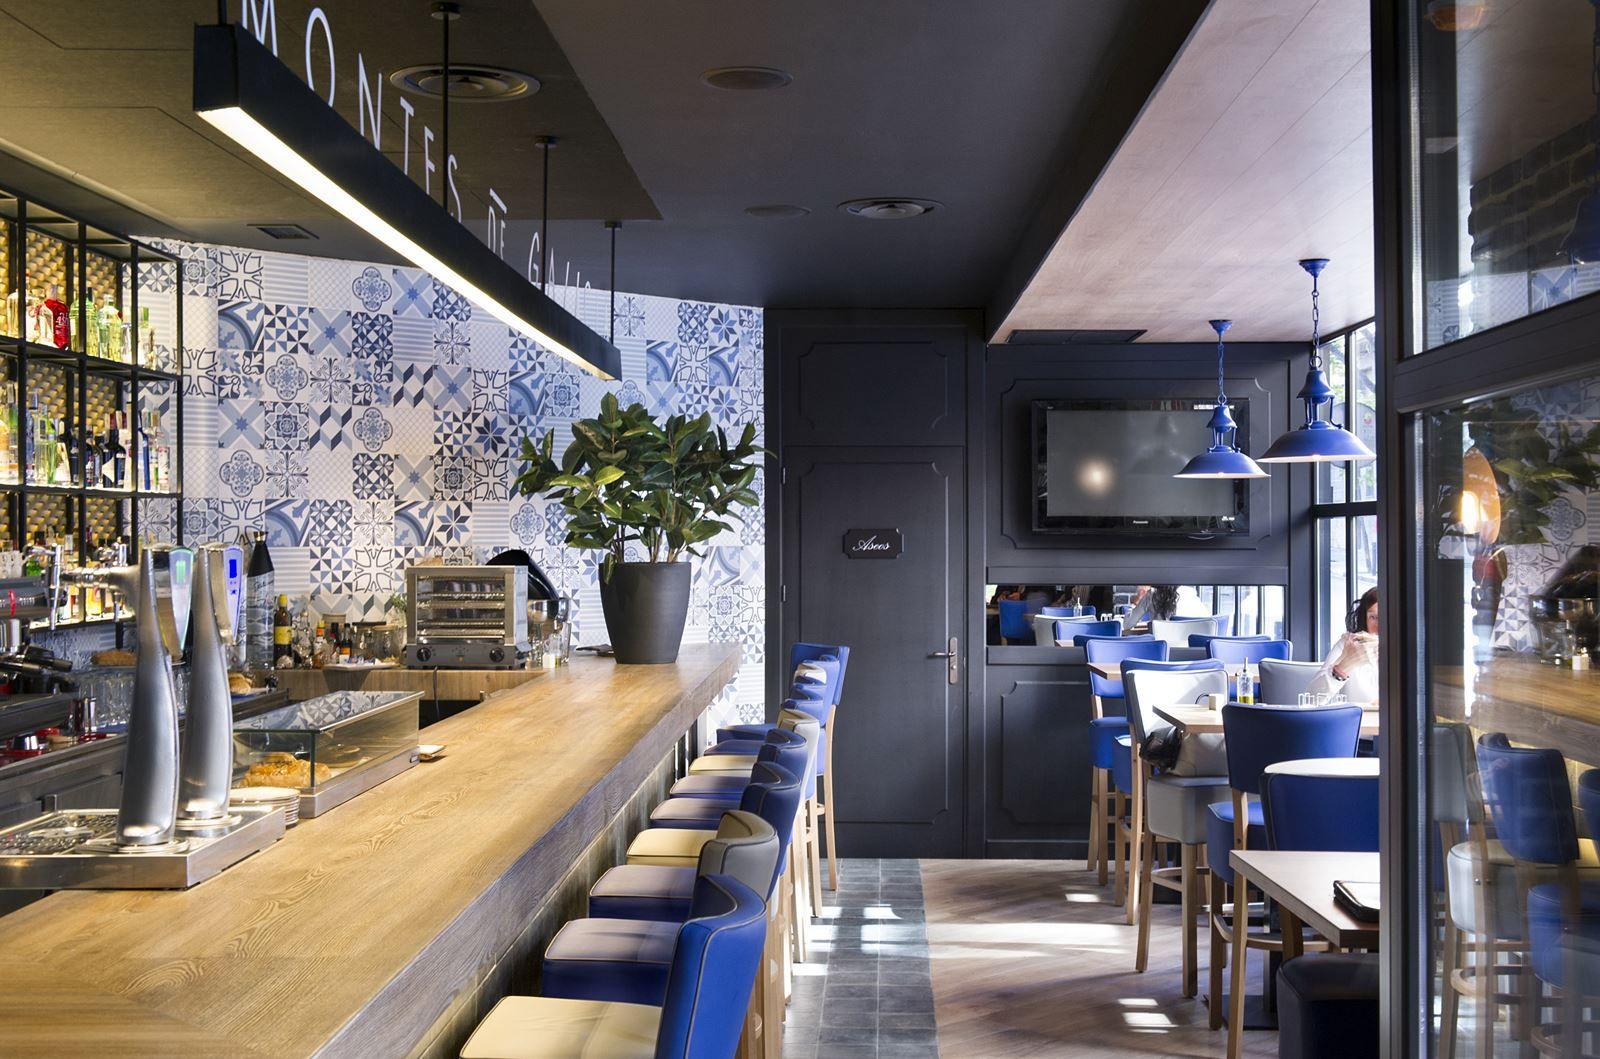 Montes De Galicia - Picture gallery #architecture #interiordesign #restaurant